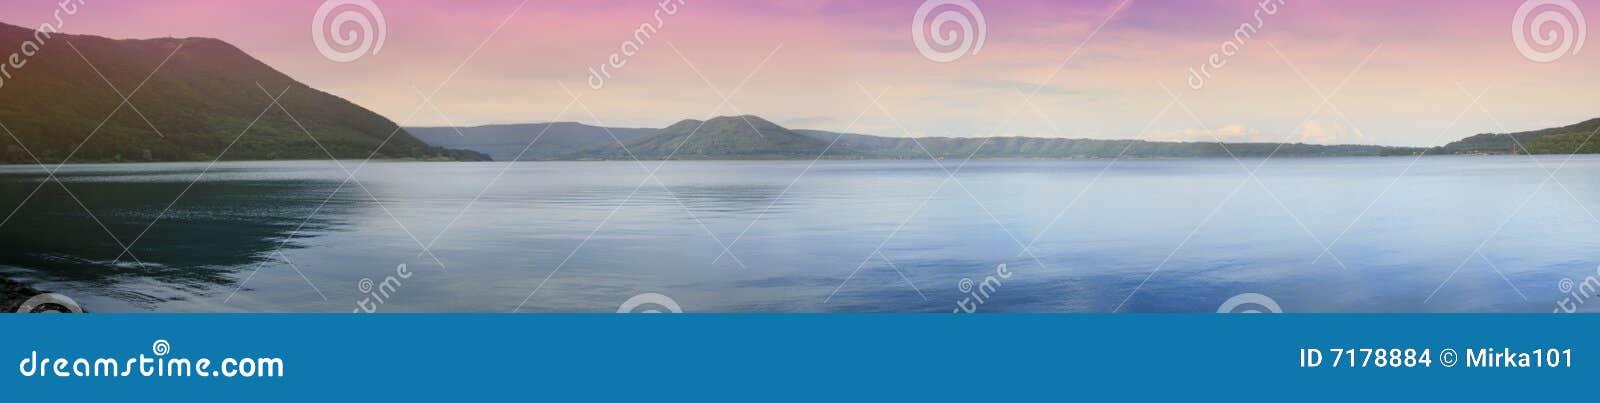 Jeziorny vico